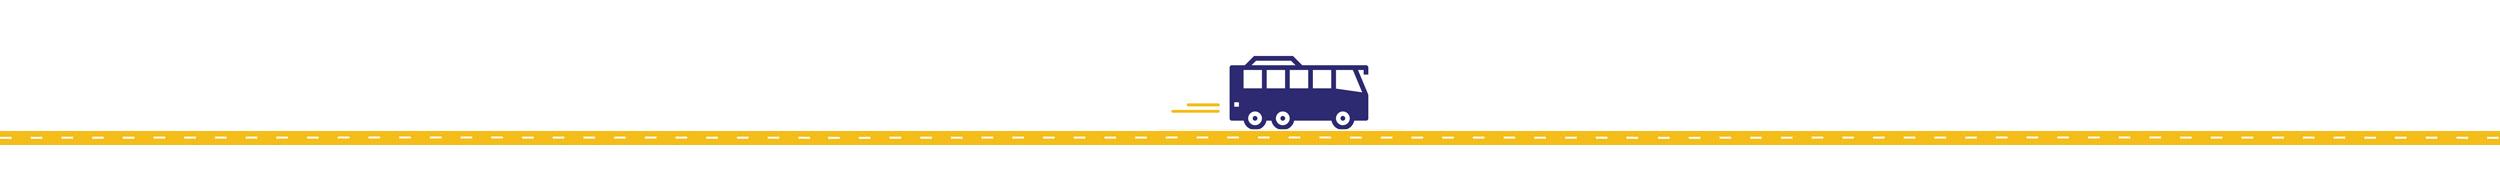 autobus Gruppo trasporti bra cuneo piemonte biffo sac nuova saar noleggio pullman autobus viaggi europa.jpg